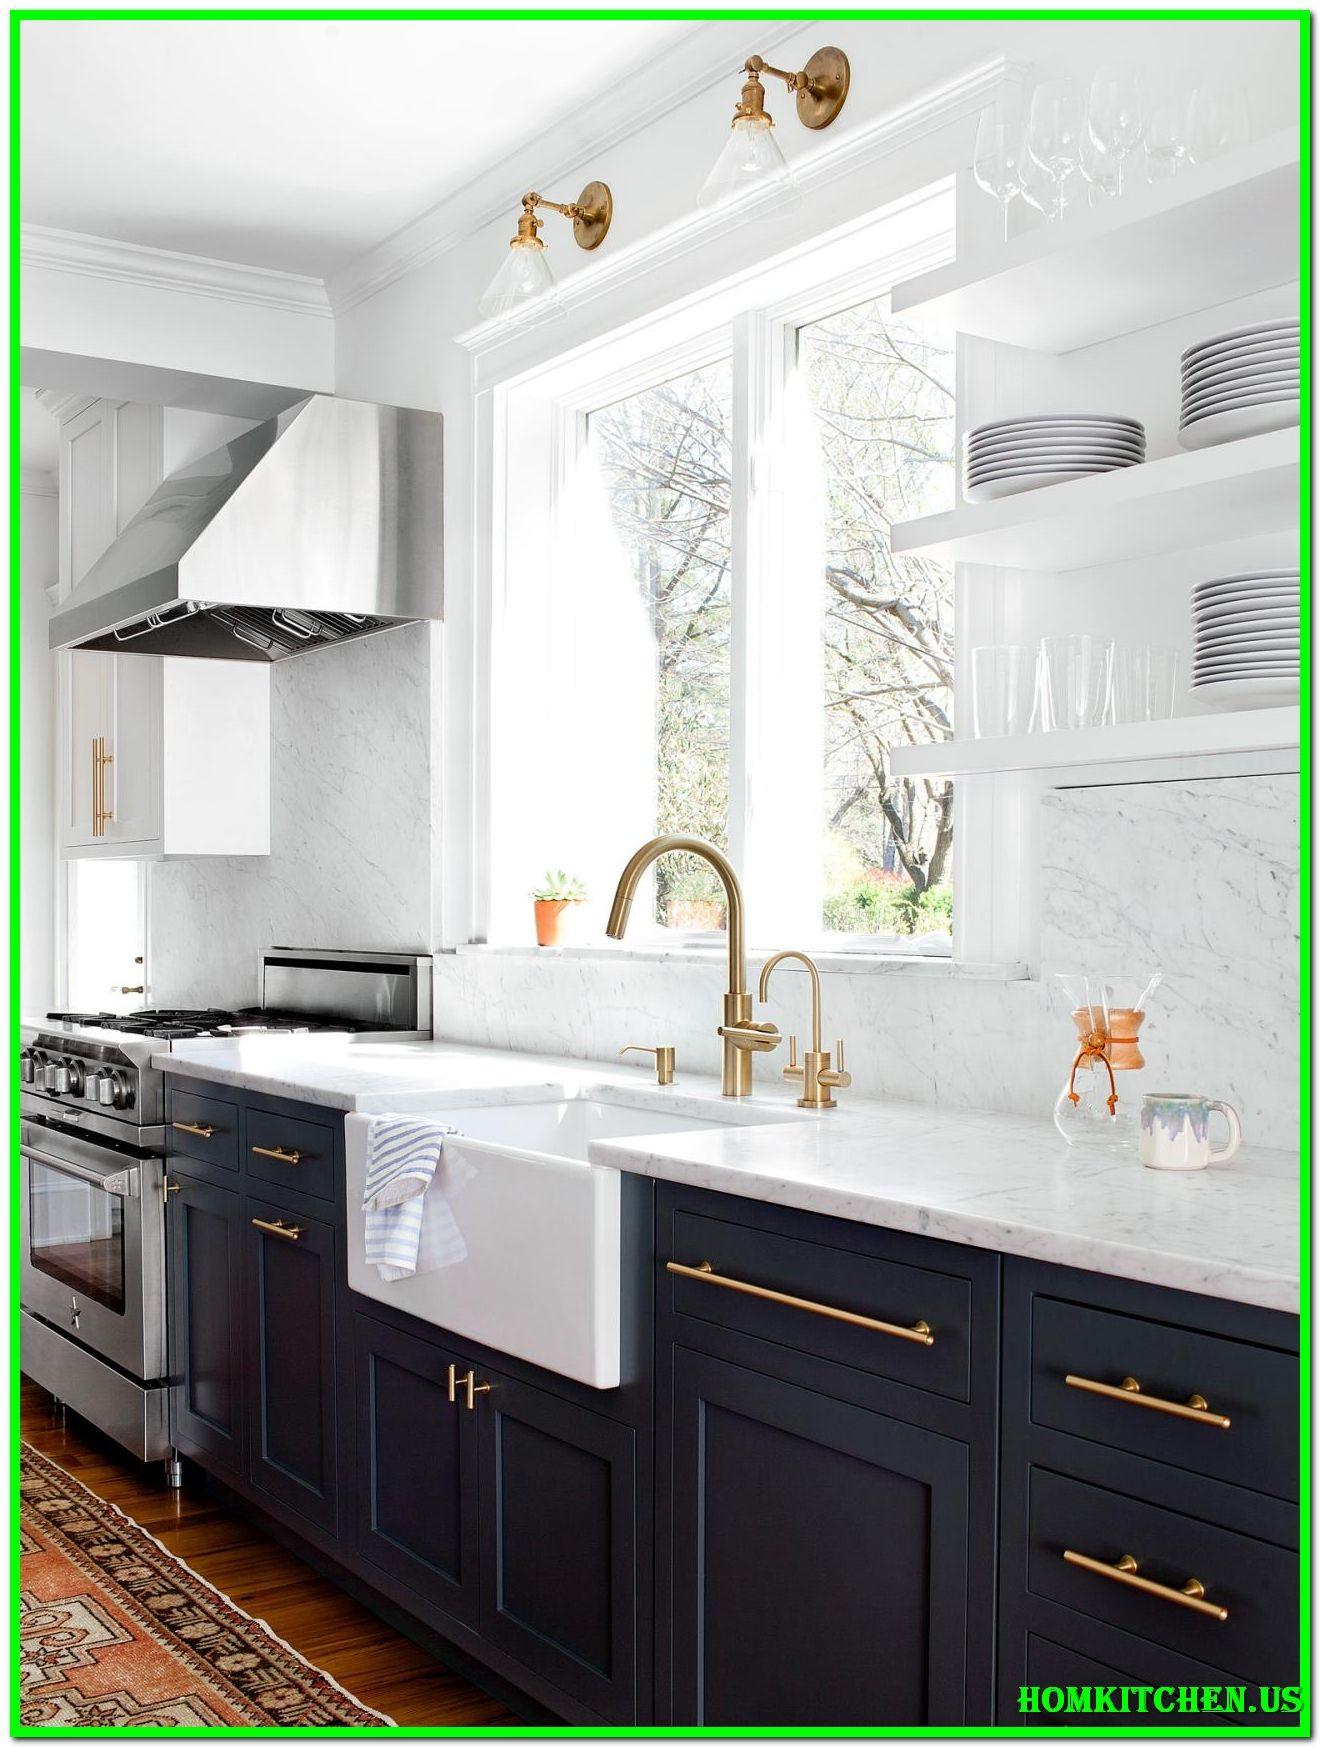 Küche Kabinett hardware 3 Zoll - Einige Leute bevorzugen zu kaufen ...